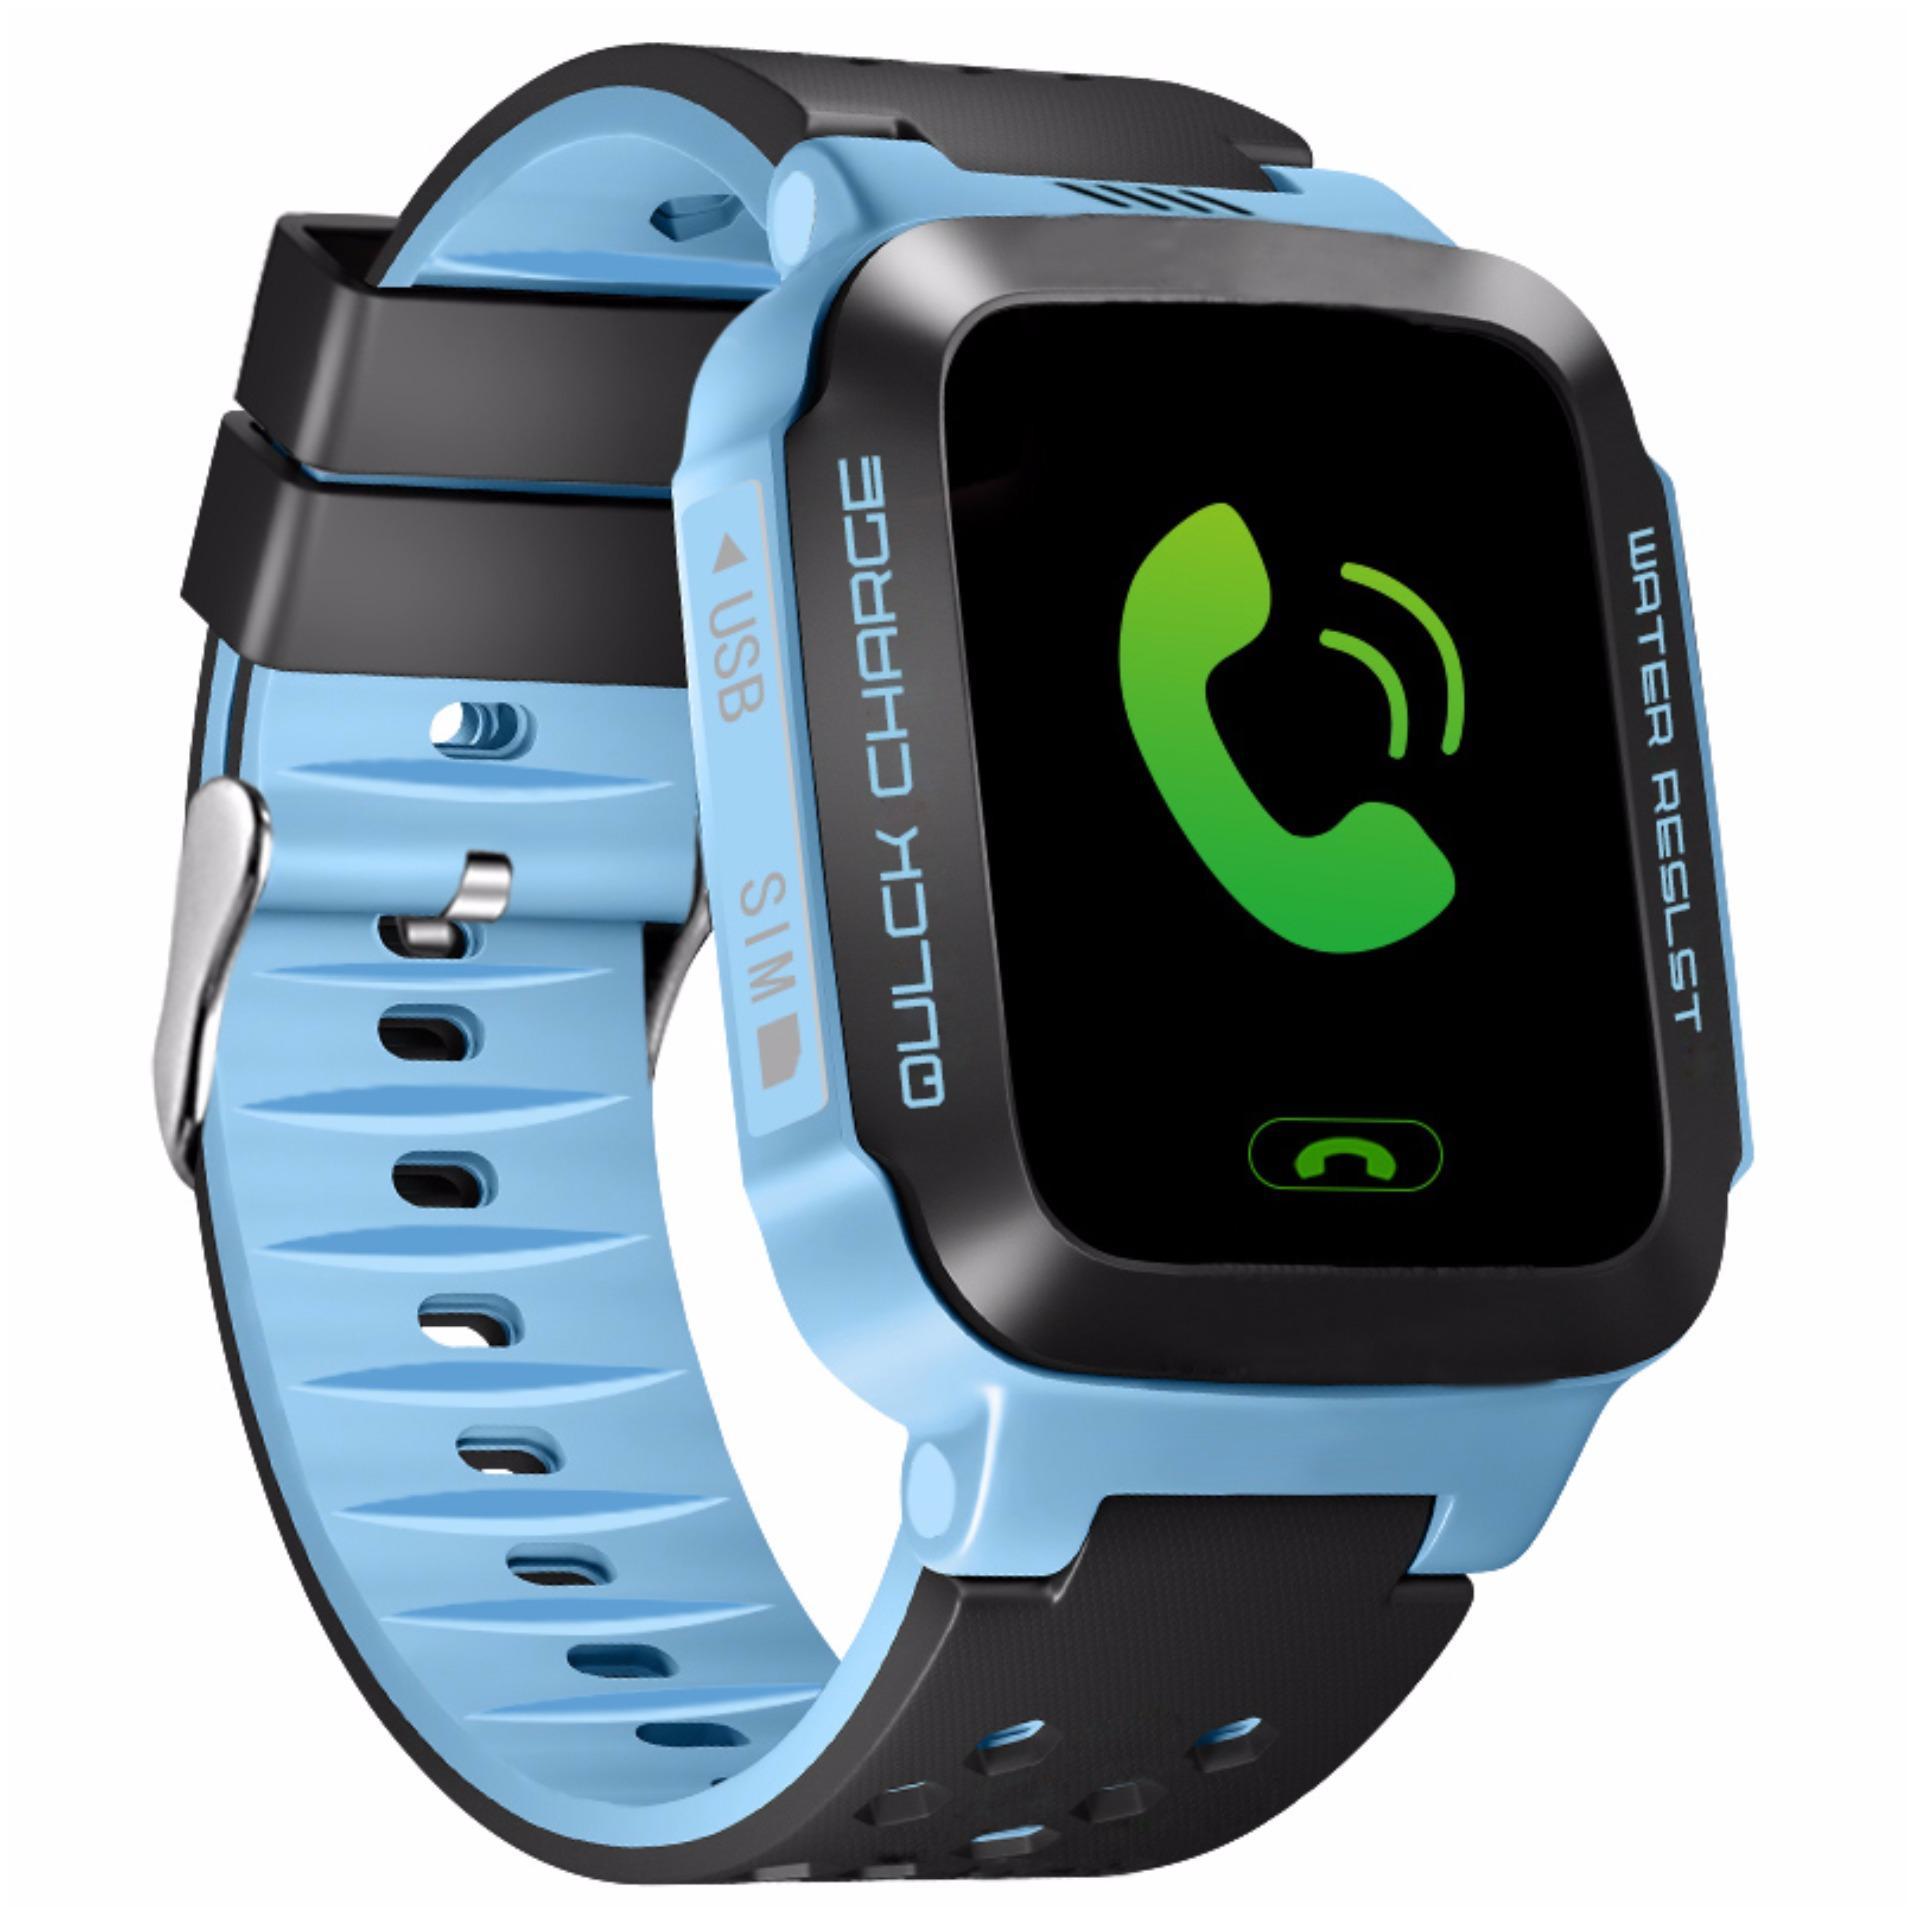 Đồng hồ định vị GPS trẻ em ecoWATCH_E5 (Xanh Đen)